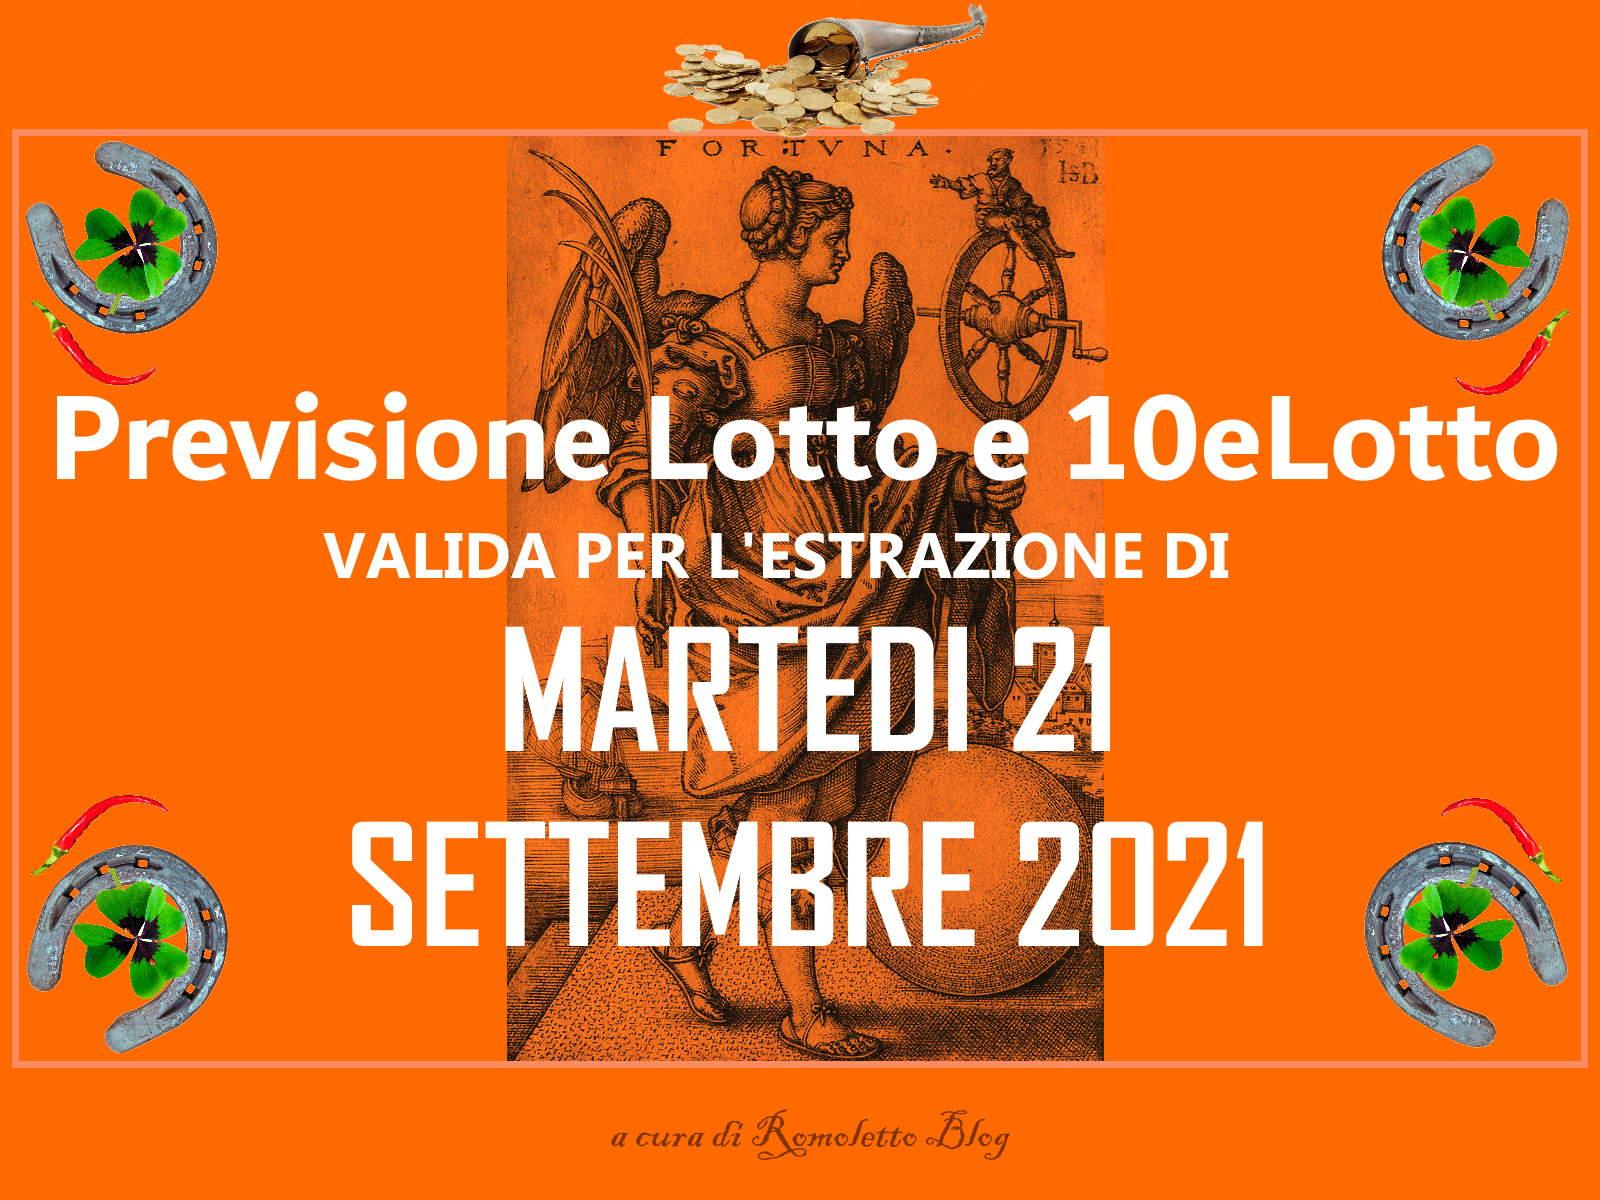 Previsione Lotto 21 Settembre 2021